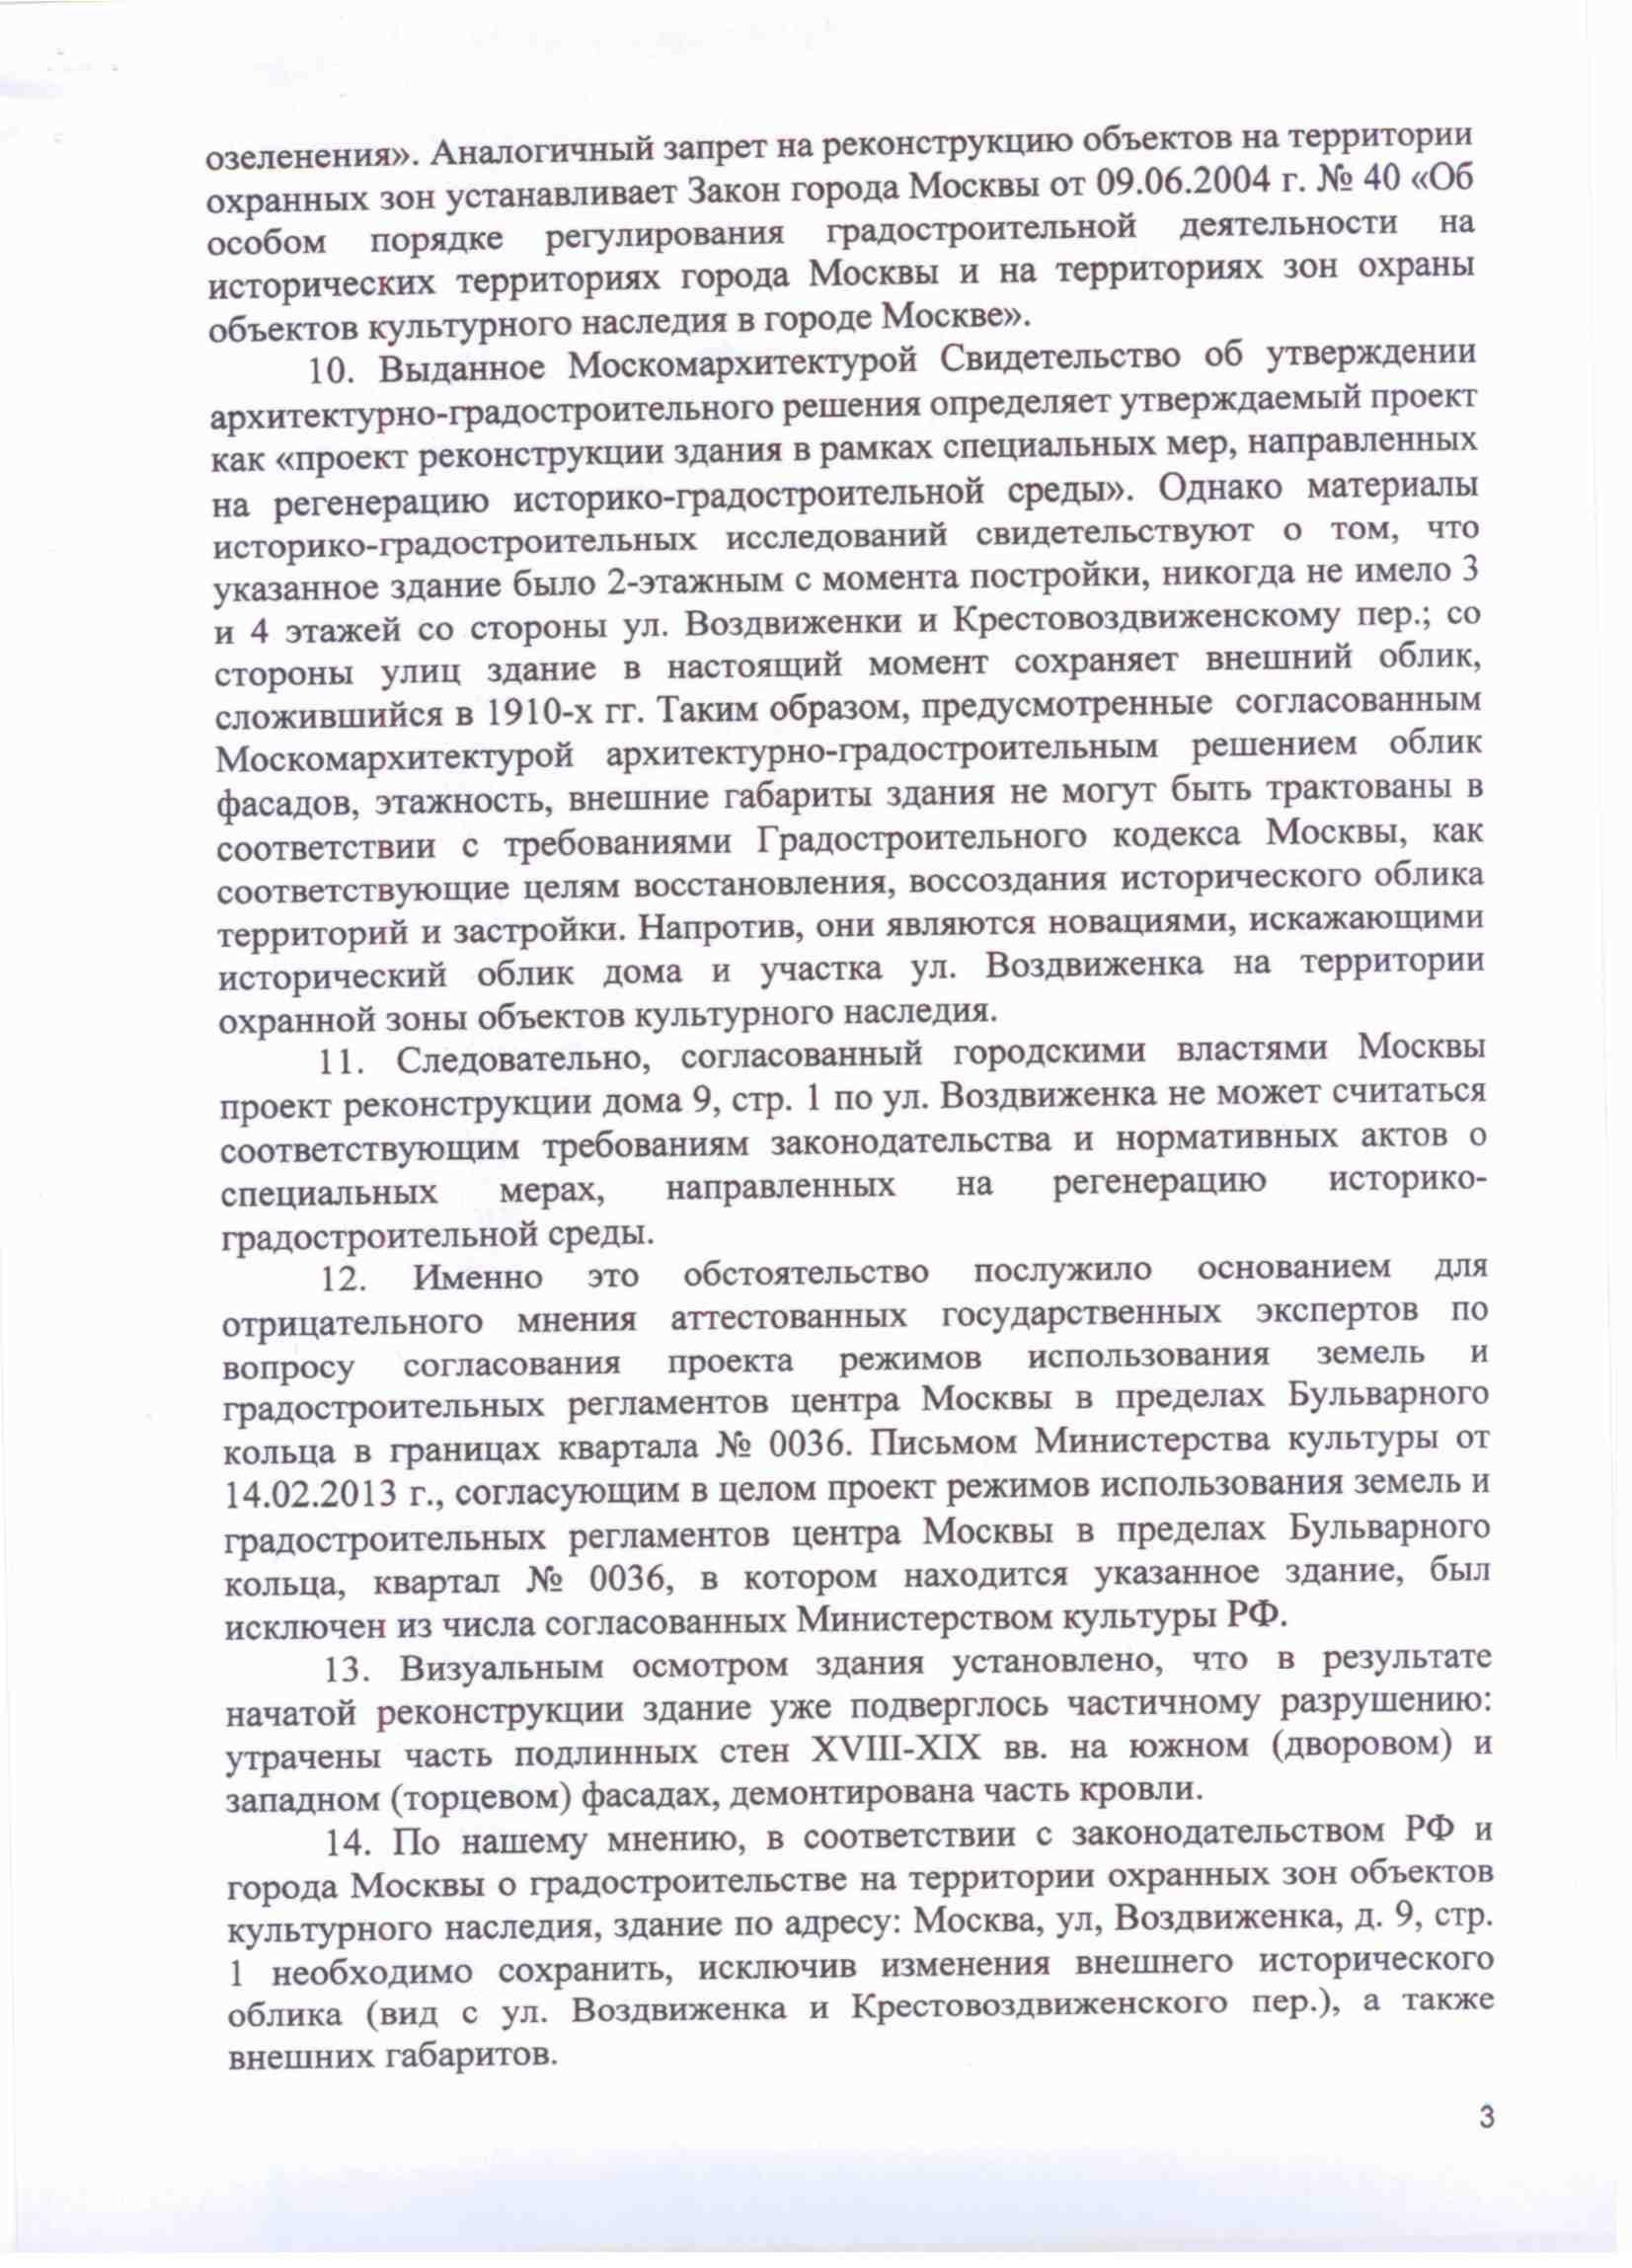 Zaklyuchenie-e`kspertov-str-3